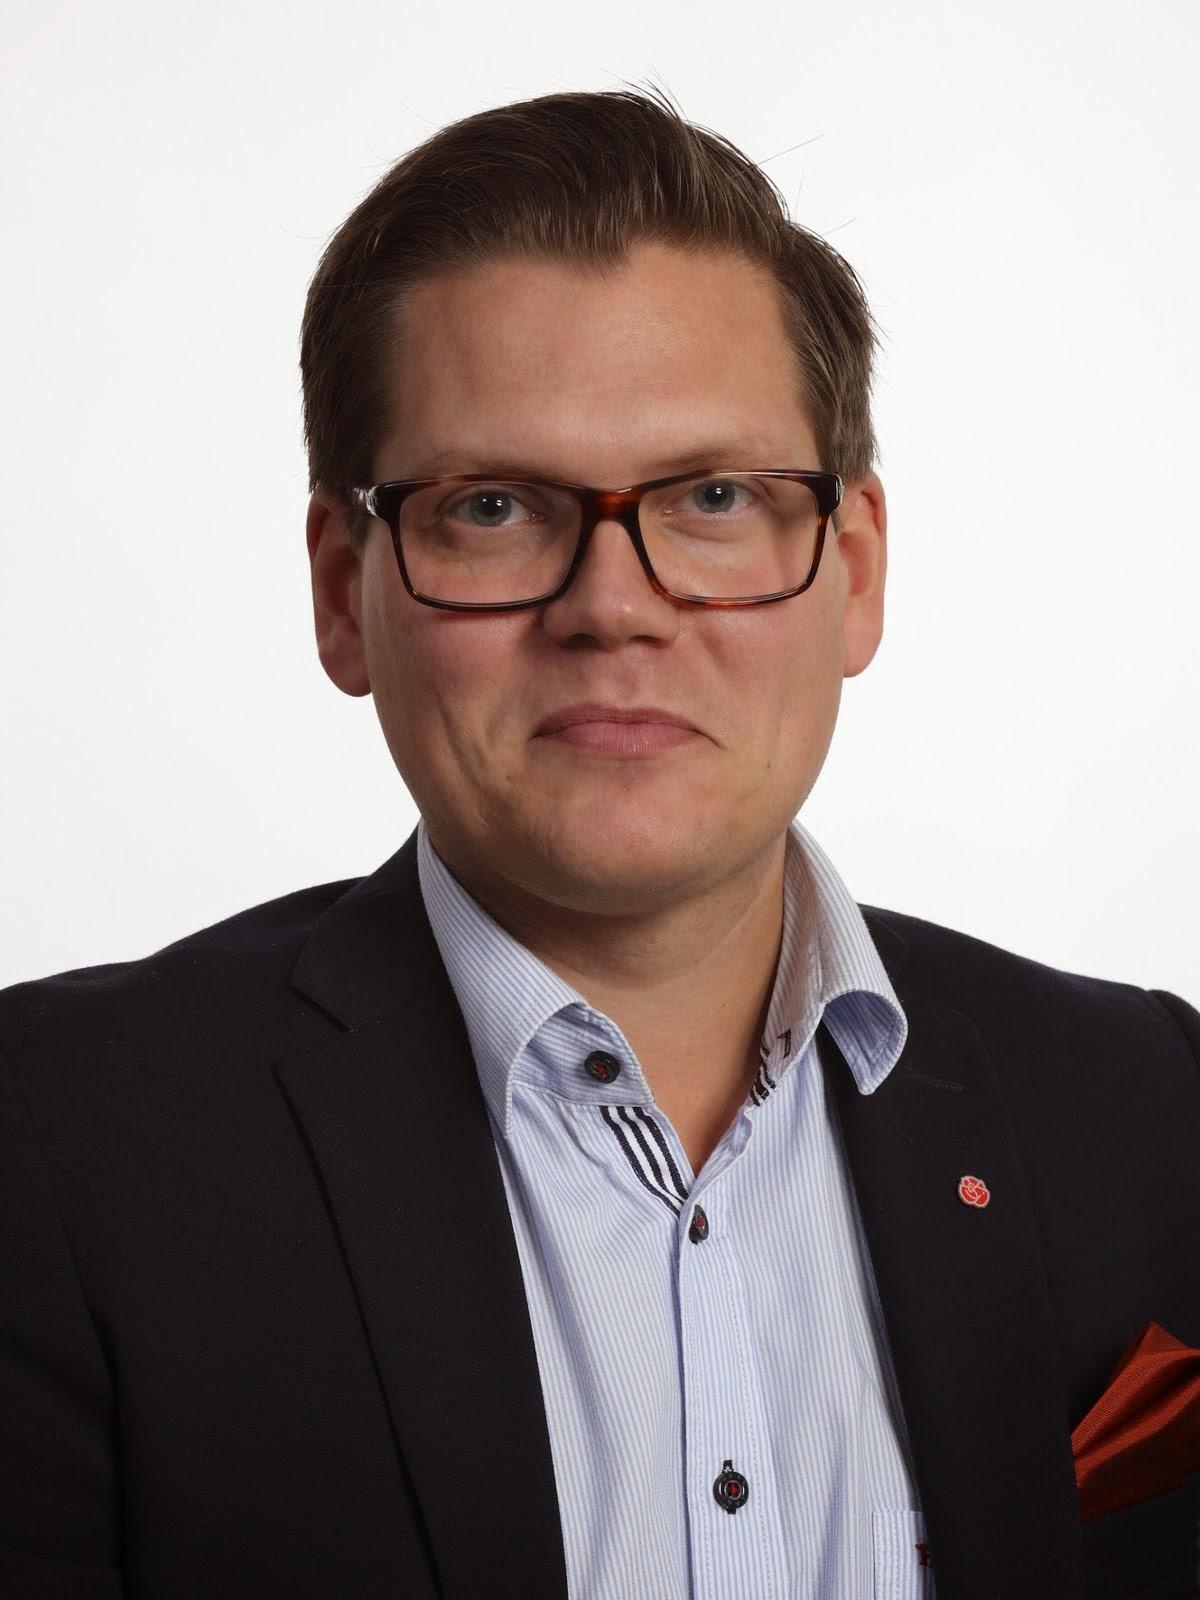 Jonas Hellberg